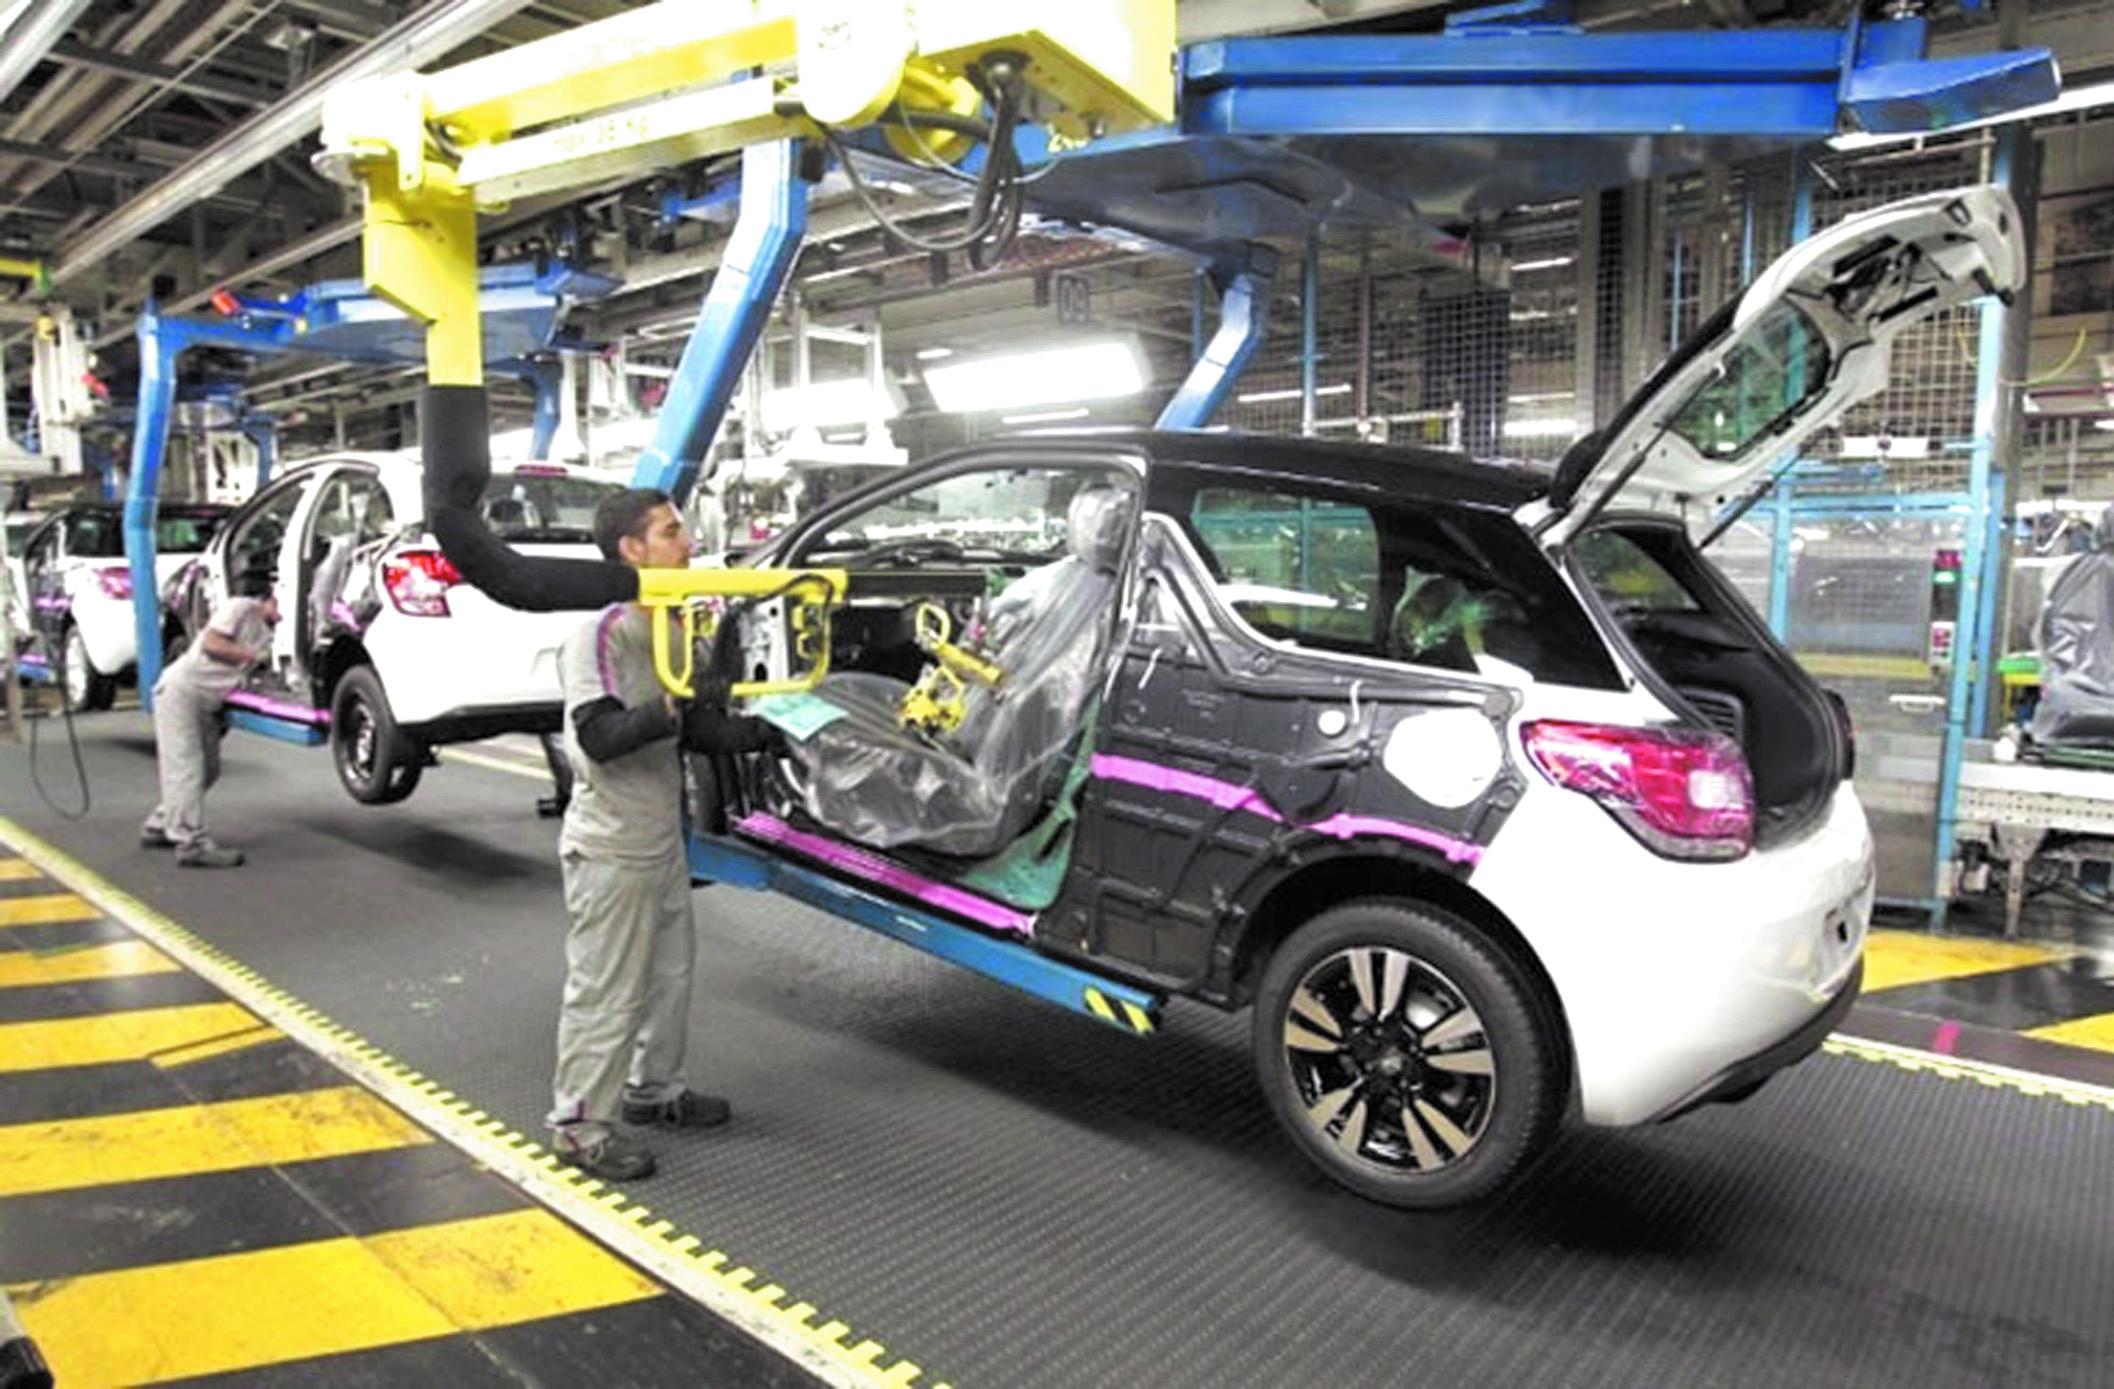 L'usine Peugeot-Citroën de Kénitra table sur une production annuelle de 200.000 véhicules